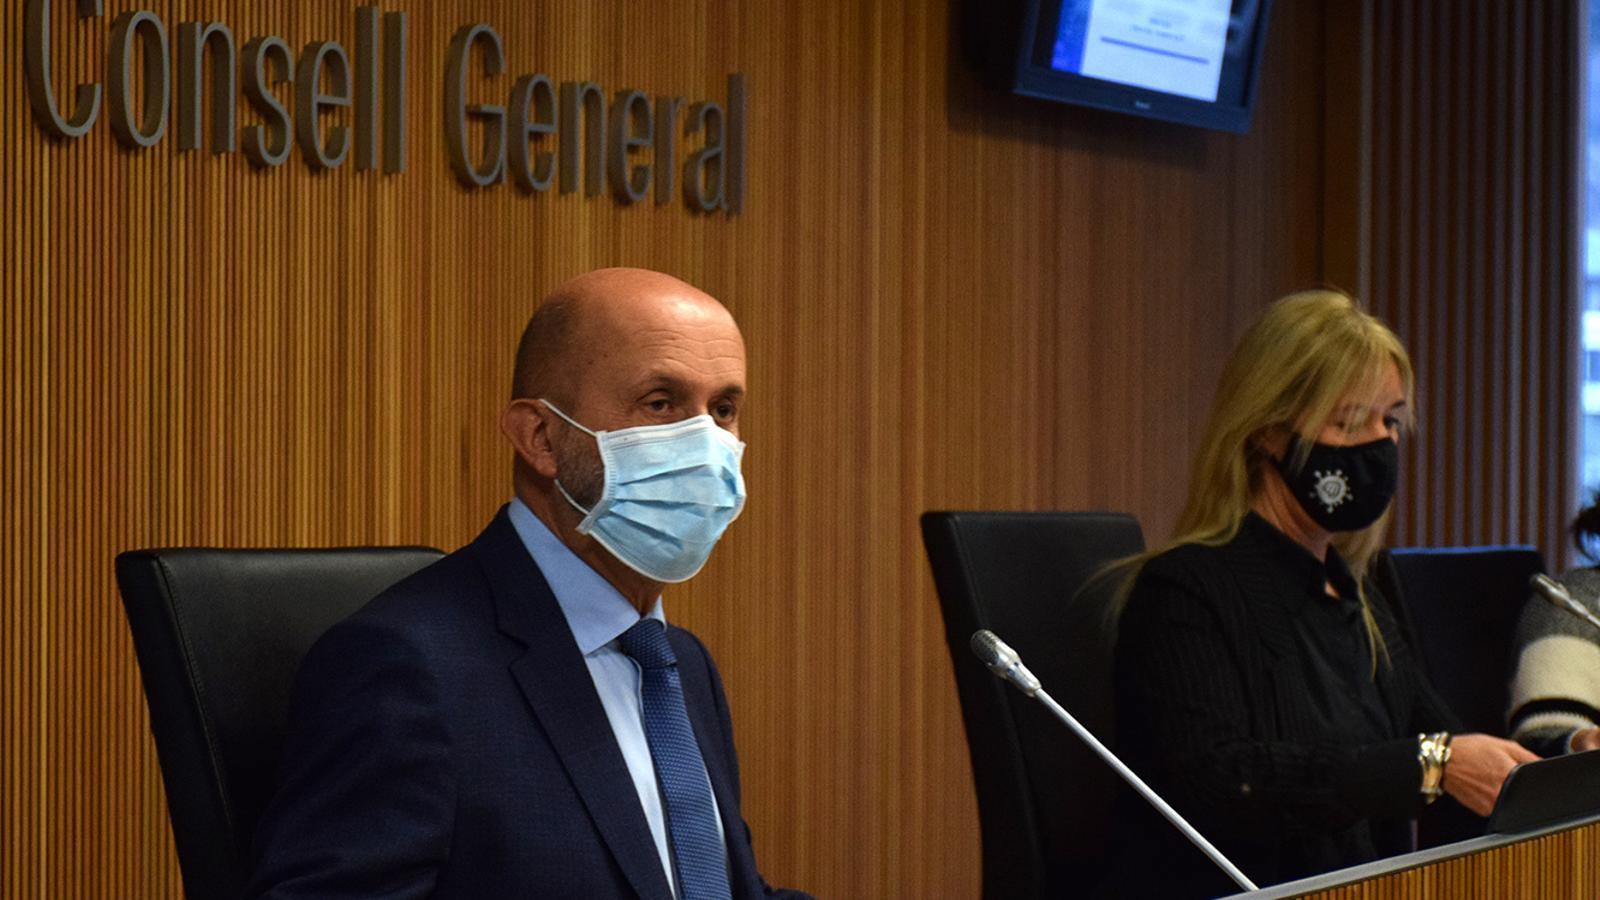 El ministre de Salut, Joan Martínez Benazet, durant la compareixença davant la comissió legislativa de Sanitat. / MF